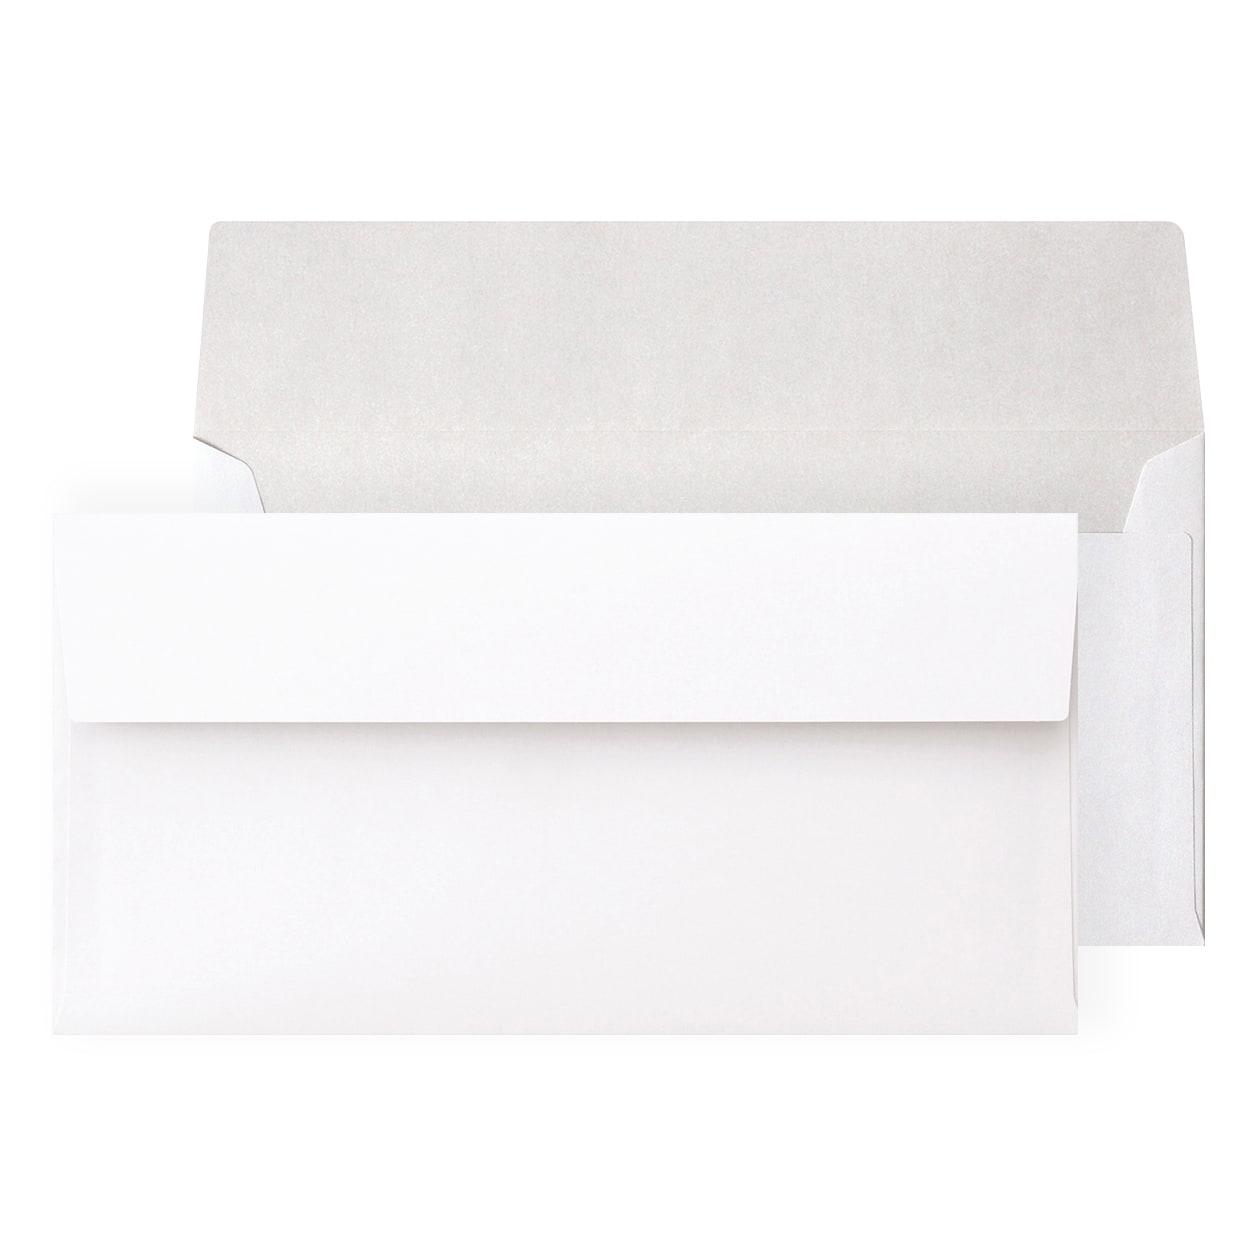 長3カマス封筒 撥水ラップ99 ホワイト 100g